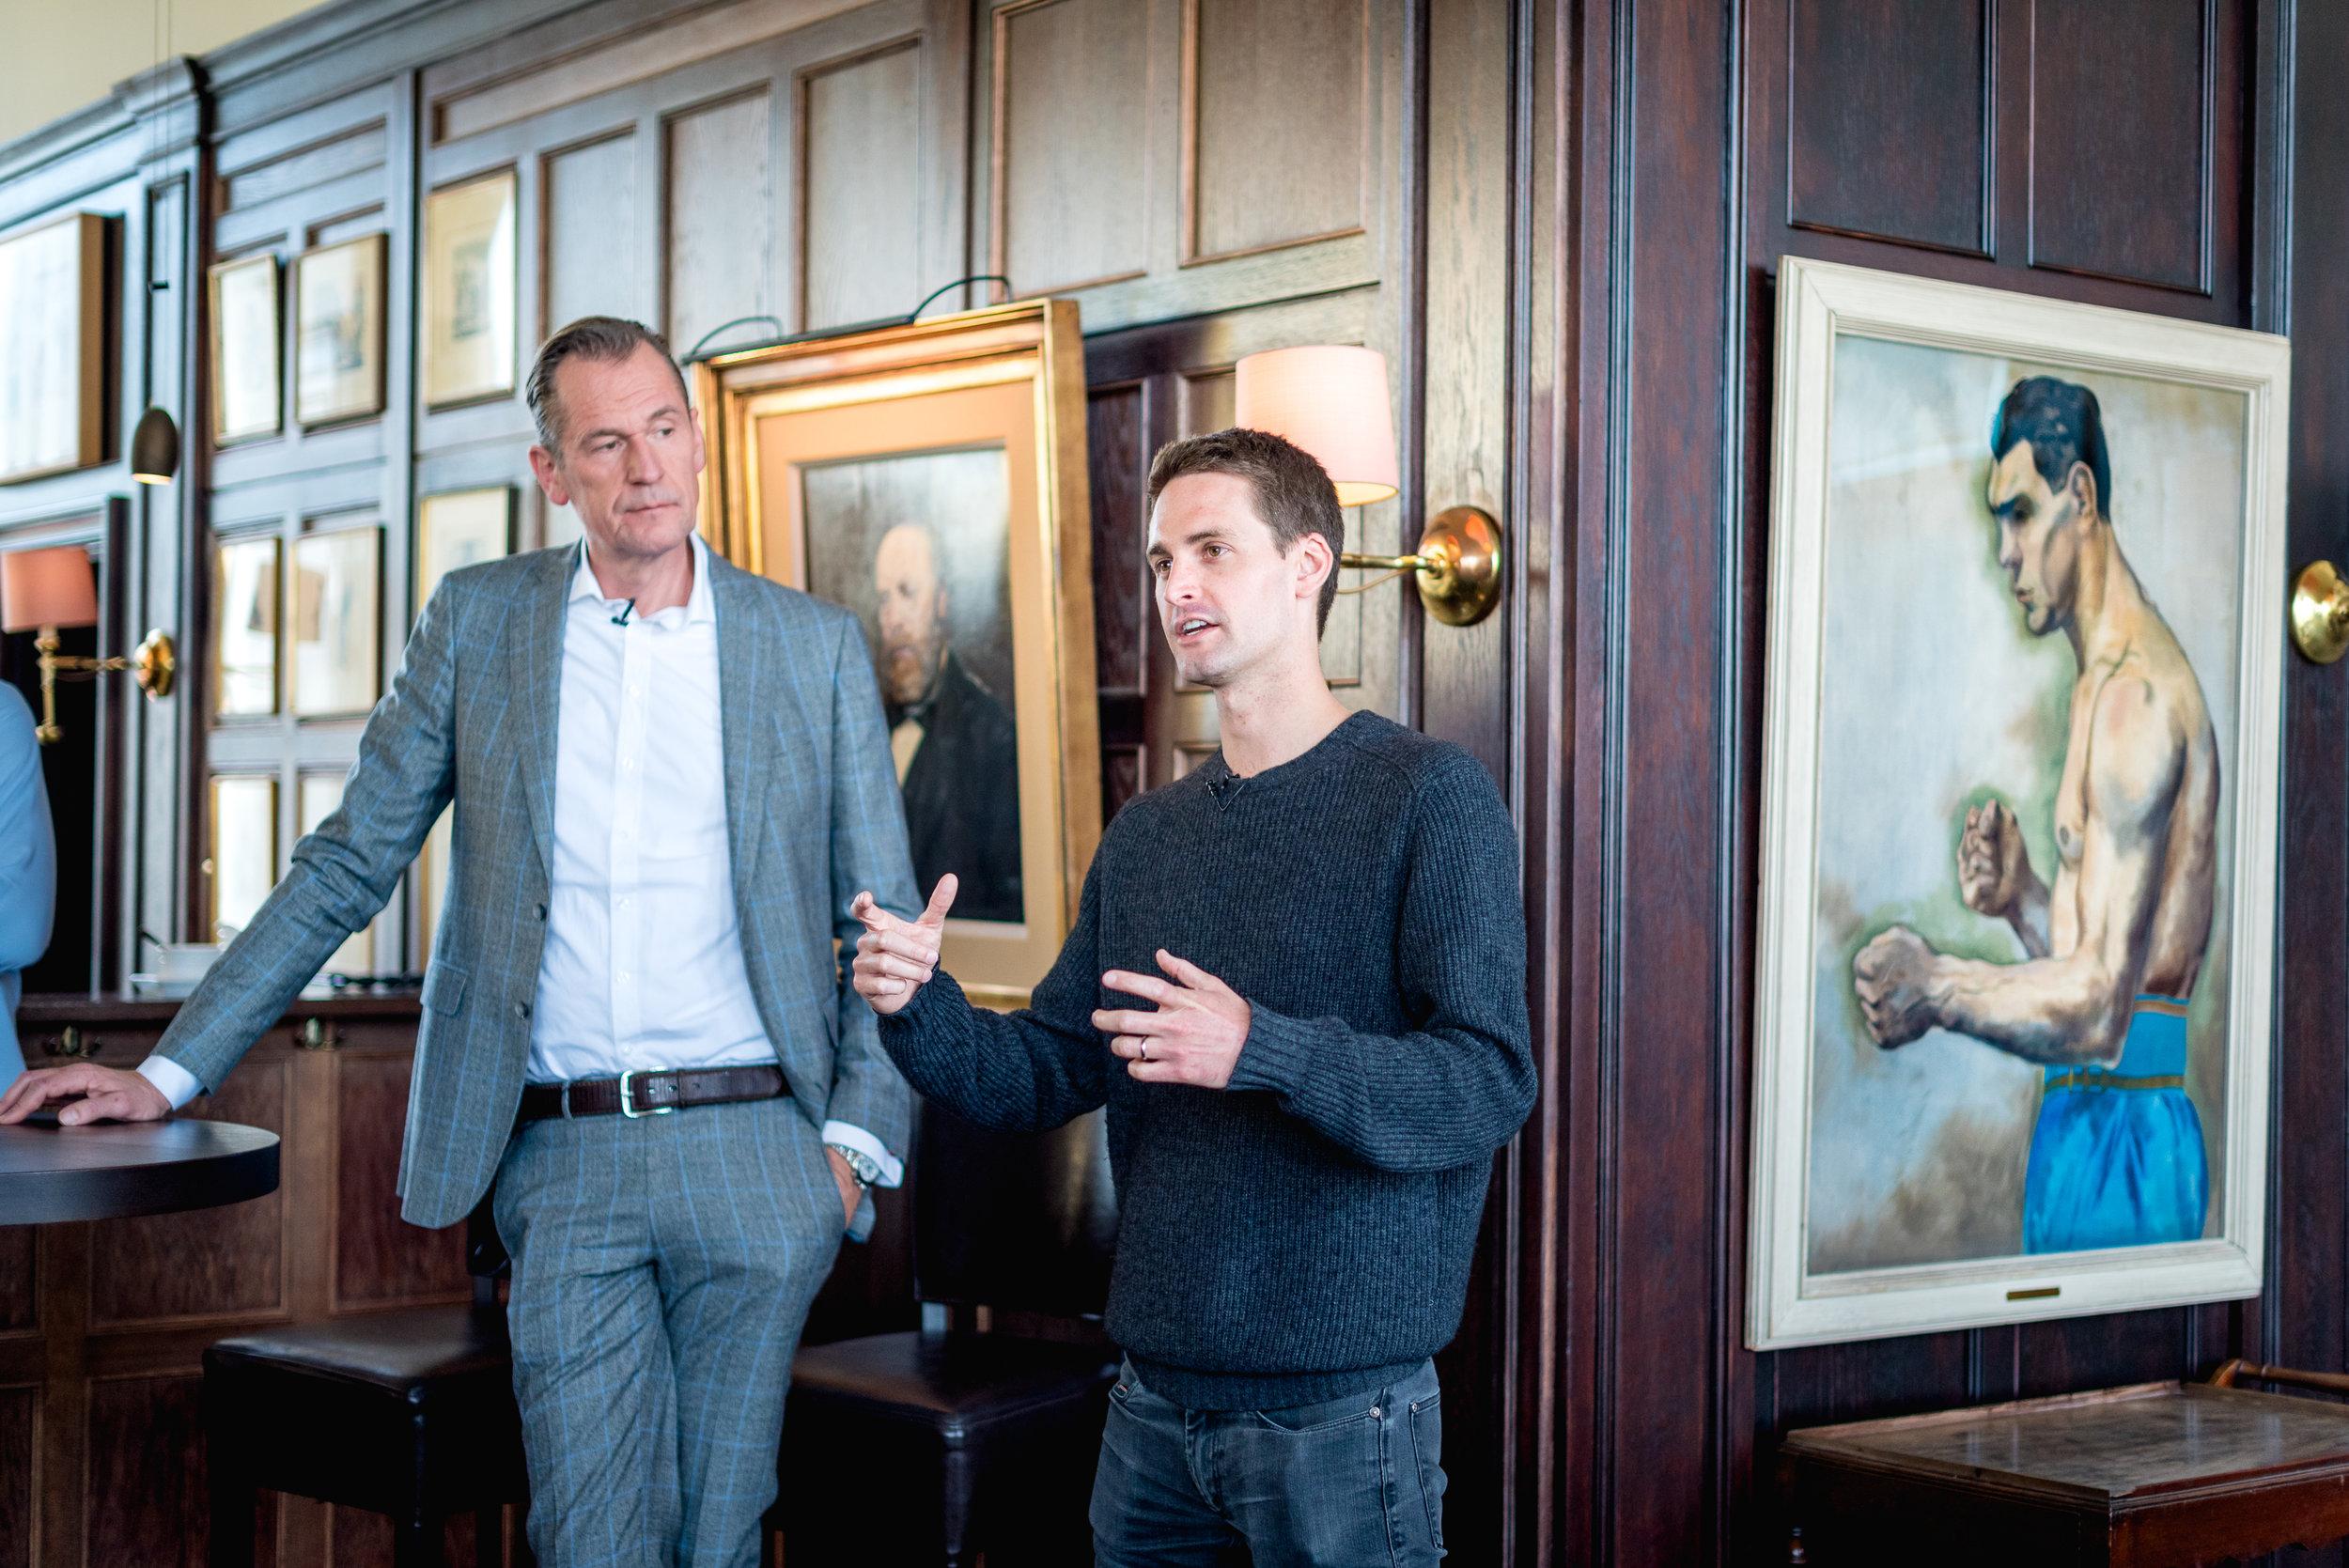 Dr Mathias Döpfner (CEO Axel Springer SE) and Evan Spiegel (CEO Snap Inc.) announces joint venture partnership.